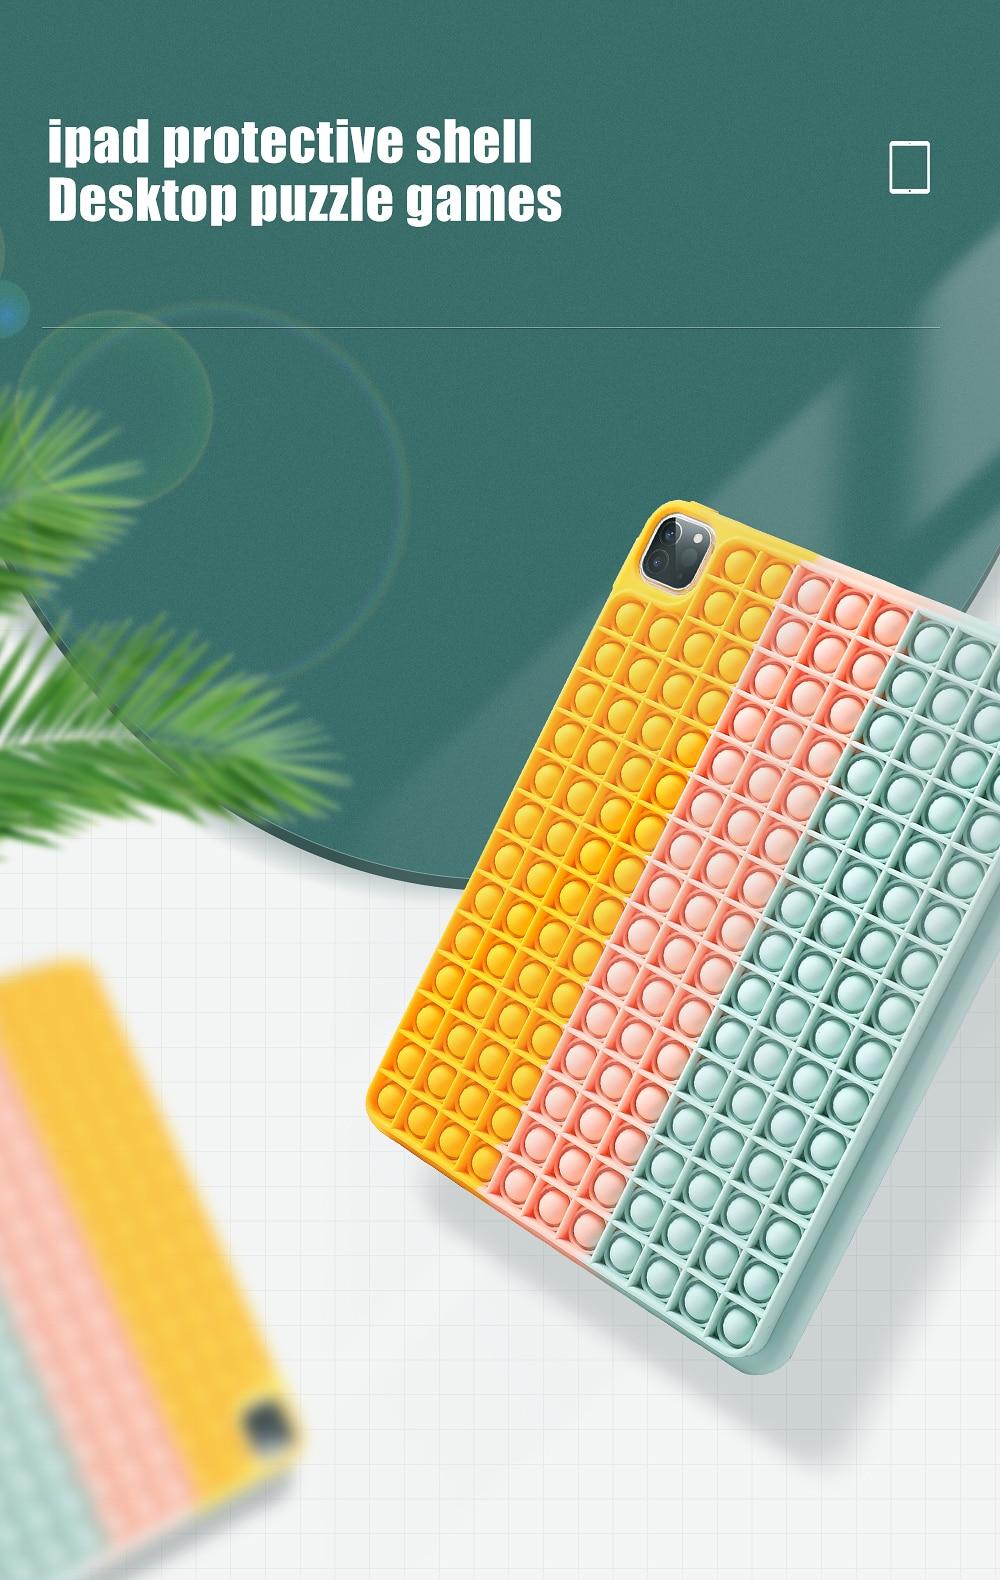 ソフトシリコンバブル iPad ぷちぷちケース